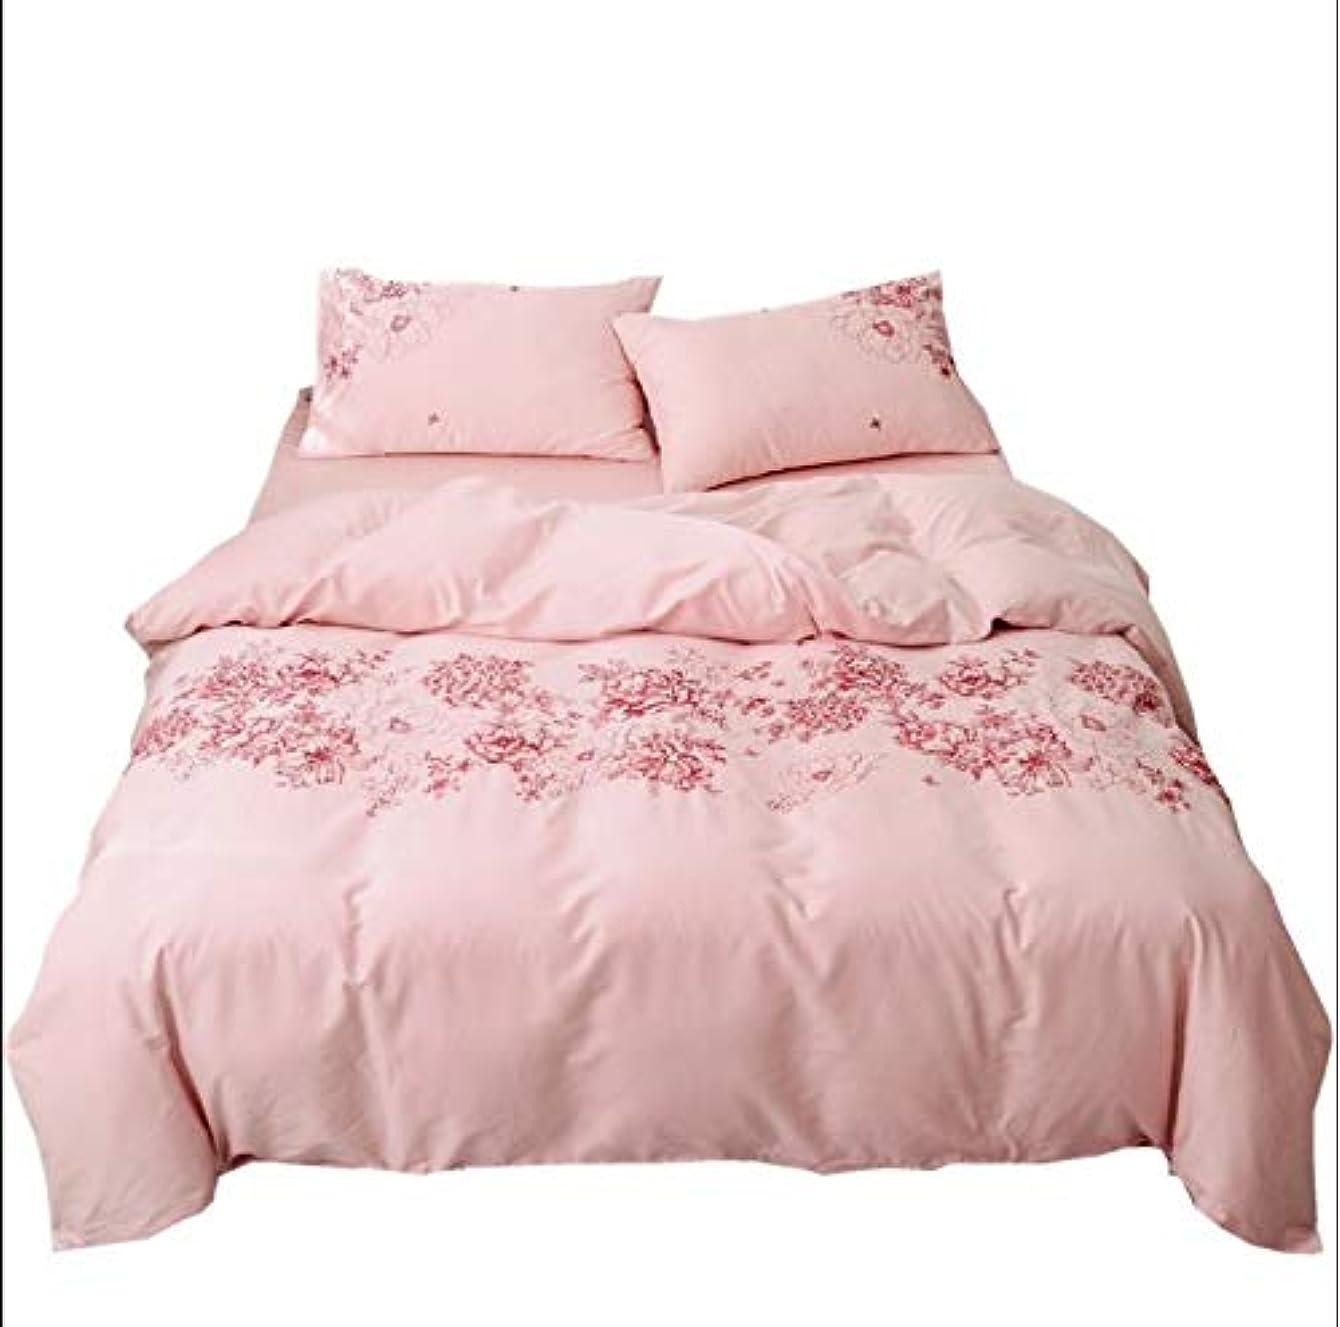 マントプレゼンテーションアルネピンク 和式 60系 綿100% 寝具カバー4点セット 掛け布団カバー シーツ 枕カバー クイーン